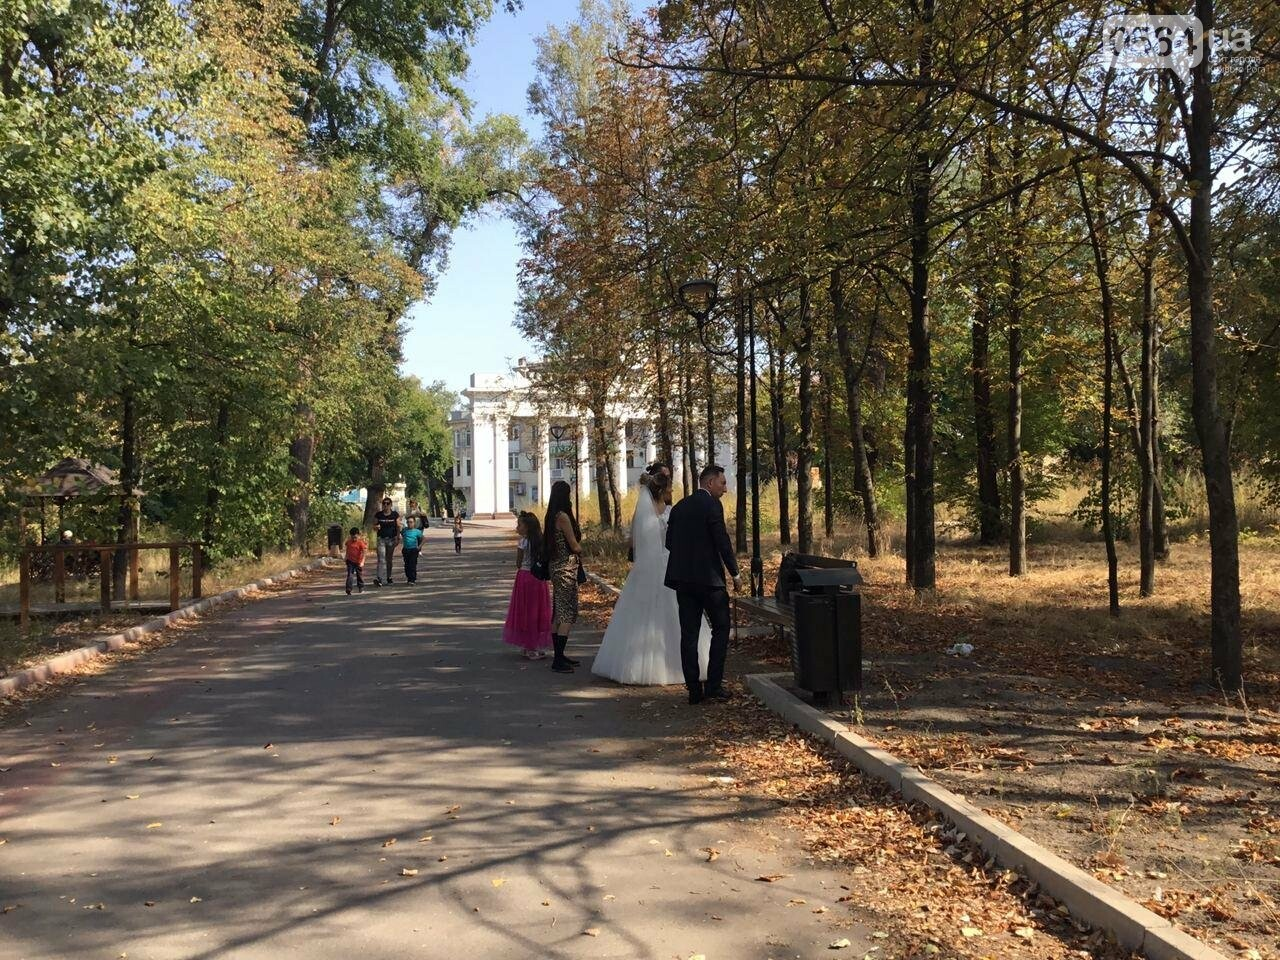 """""""Политика и бесхозяйственность"""", - криворожане поделились мнениями о Гданцевском парке, - ФОТО, ВИДЕО, фото-1"""